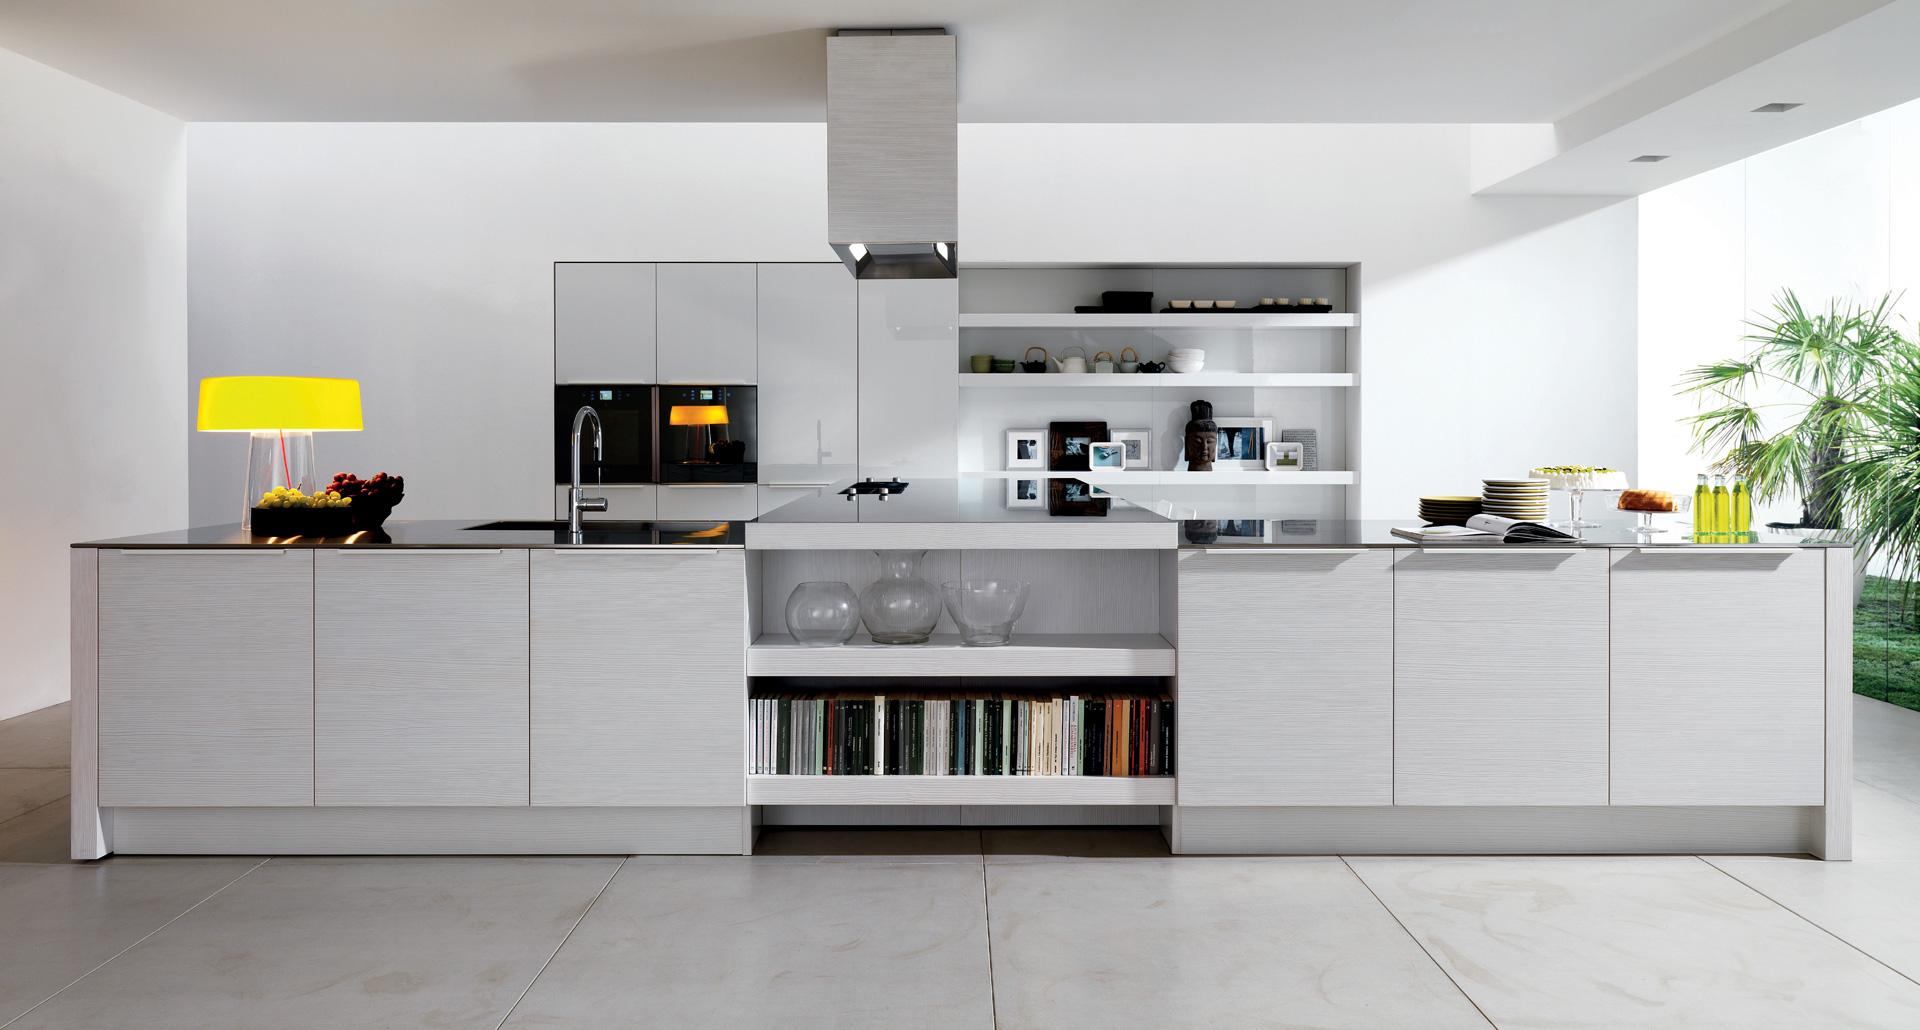 Euromobil Cucine (40) - Galassia Interior Design